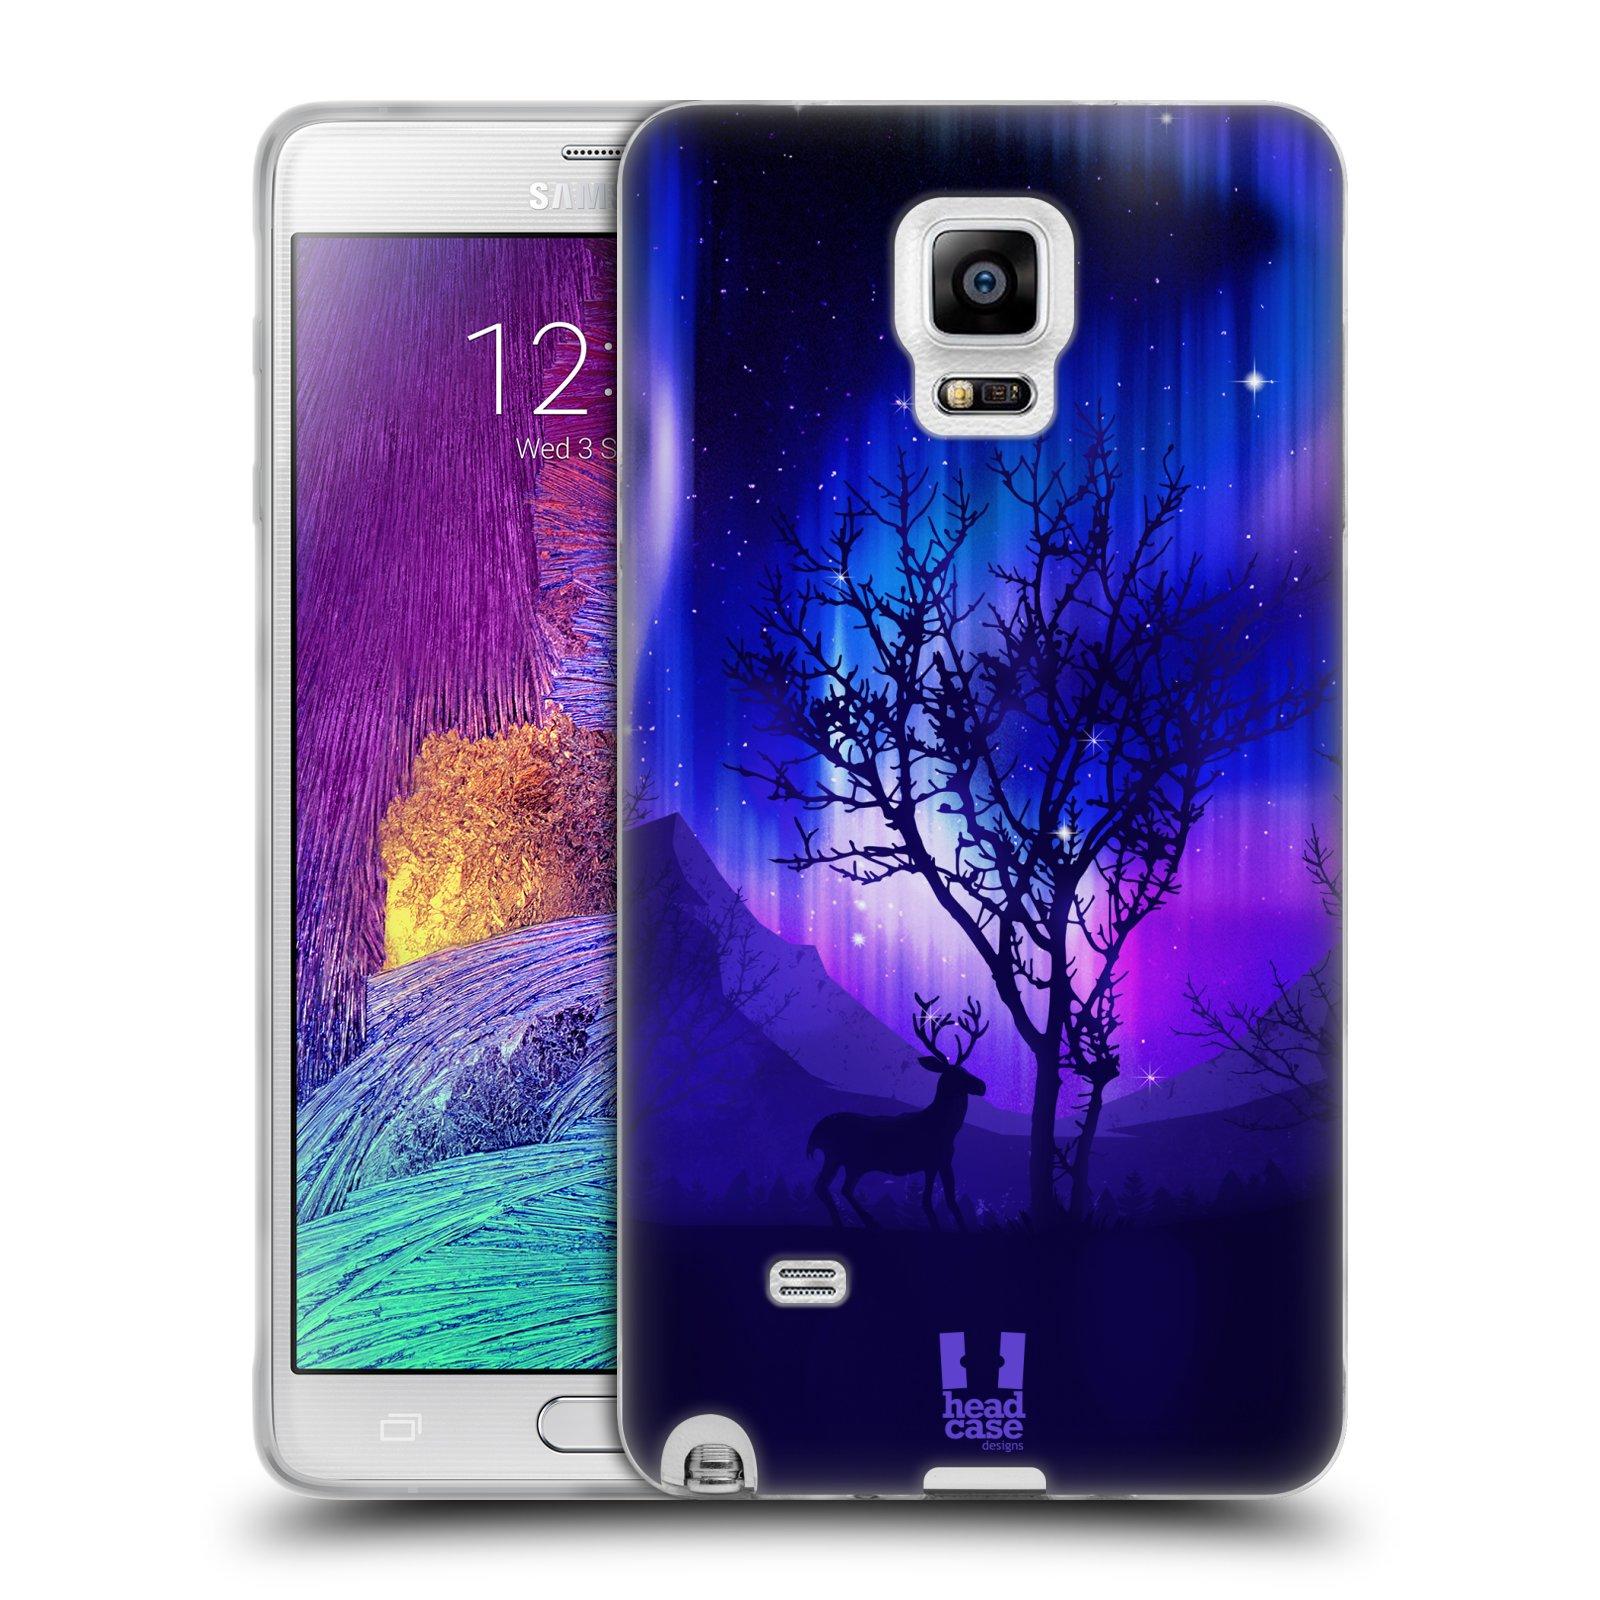 HEAD CASE silikonový obal na mobil Samsung Galaxy Note 4 (N910) vzor Severní polární záře JELEN A STROM FIALOVÁ